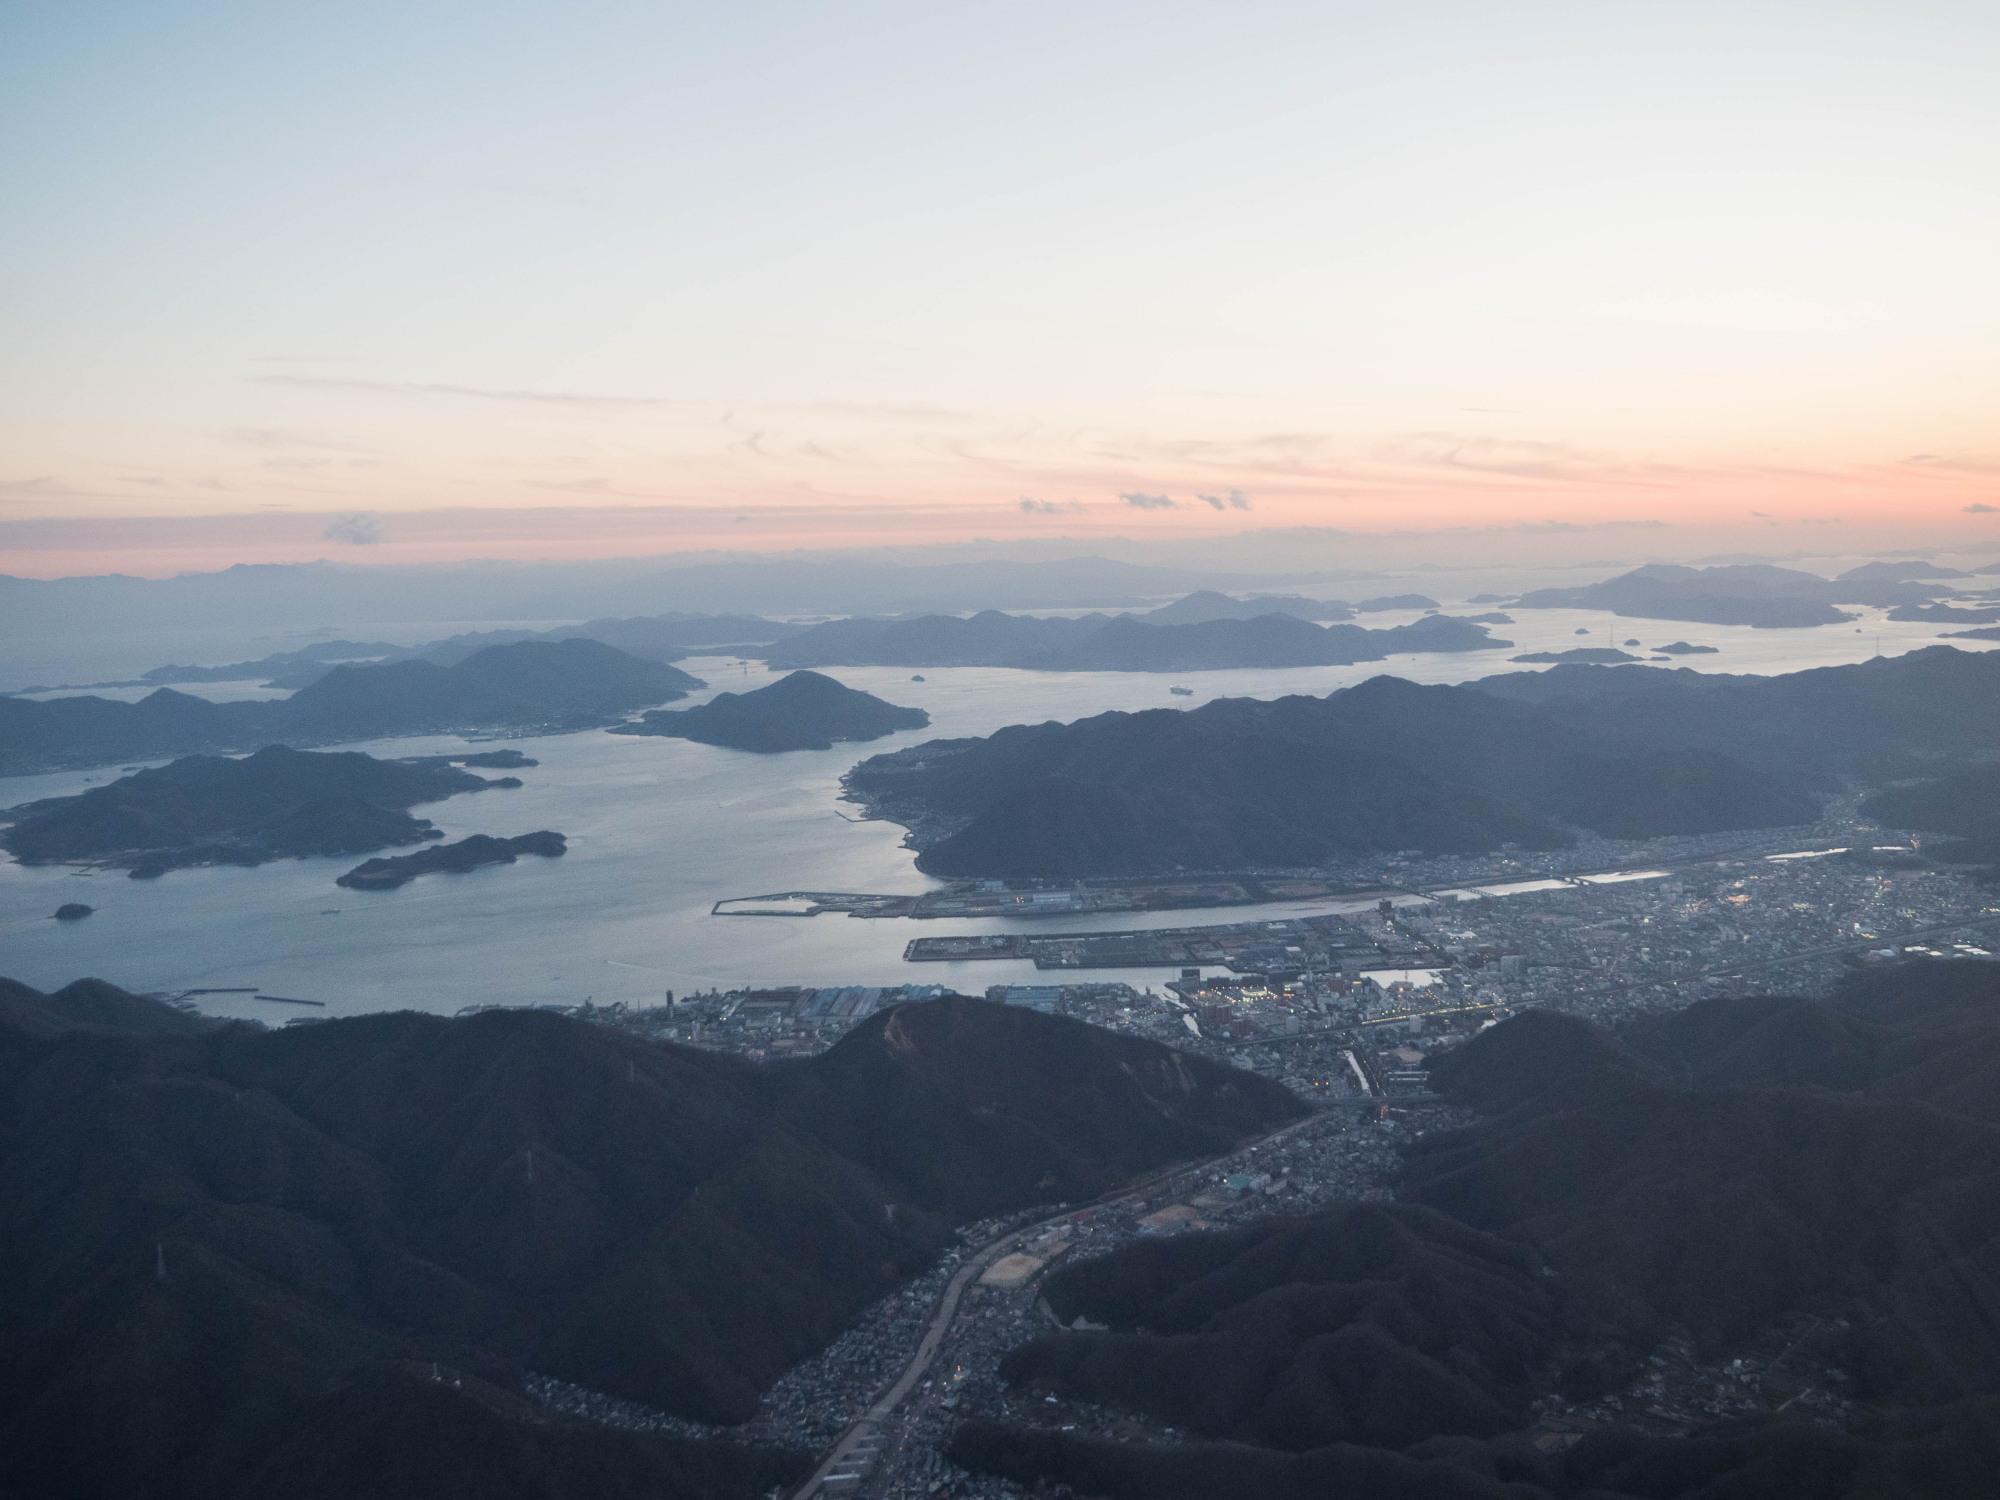 飛行機で広島・宮島の旅(1)JALで新千歳から広島へ_f0276498_23371358.jpg